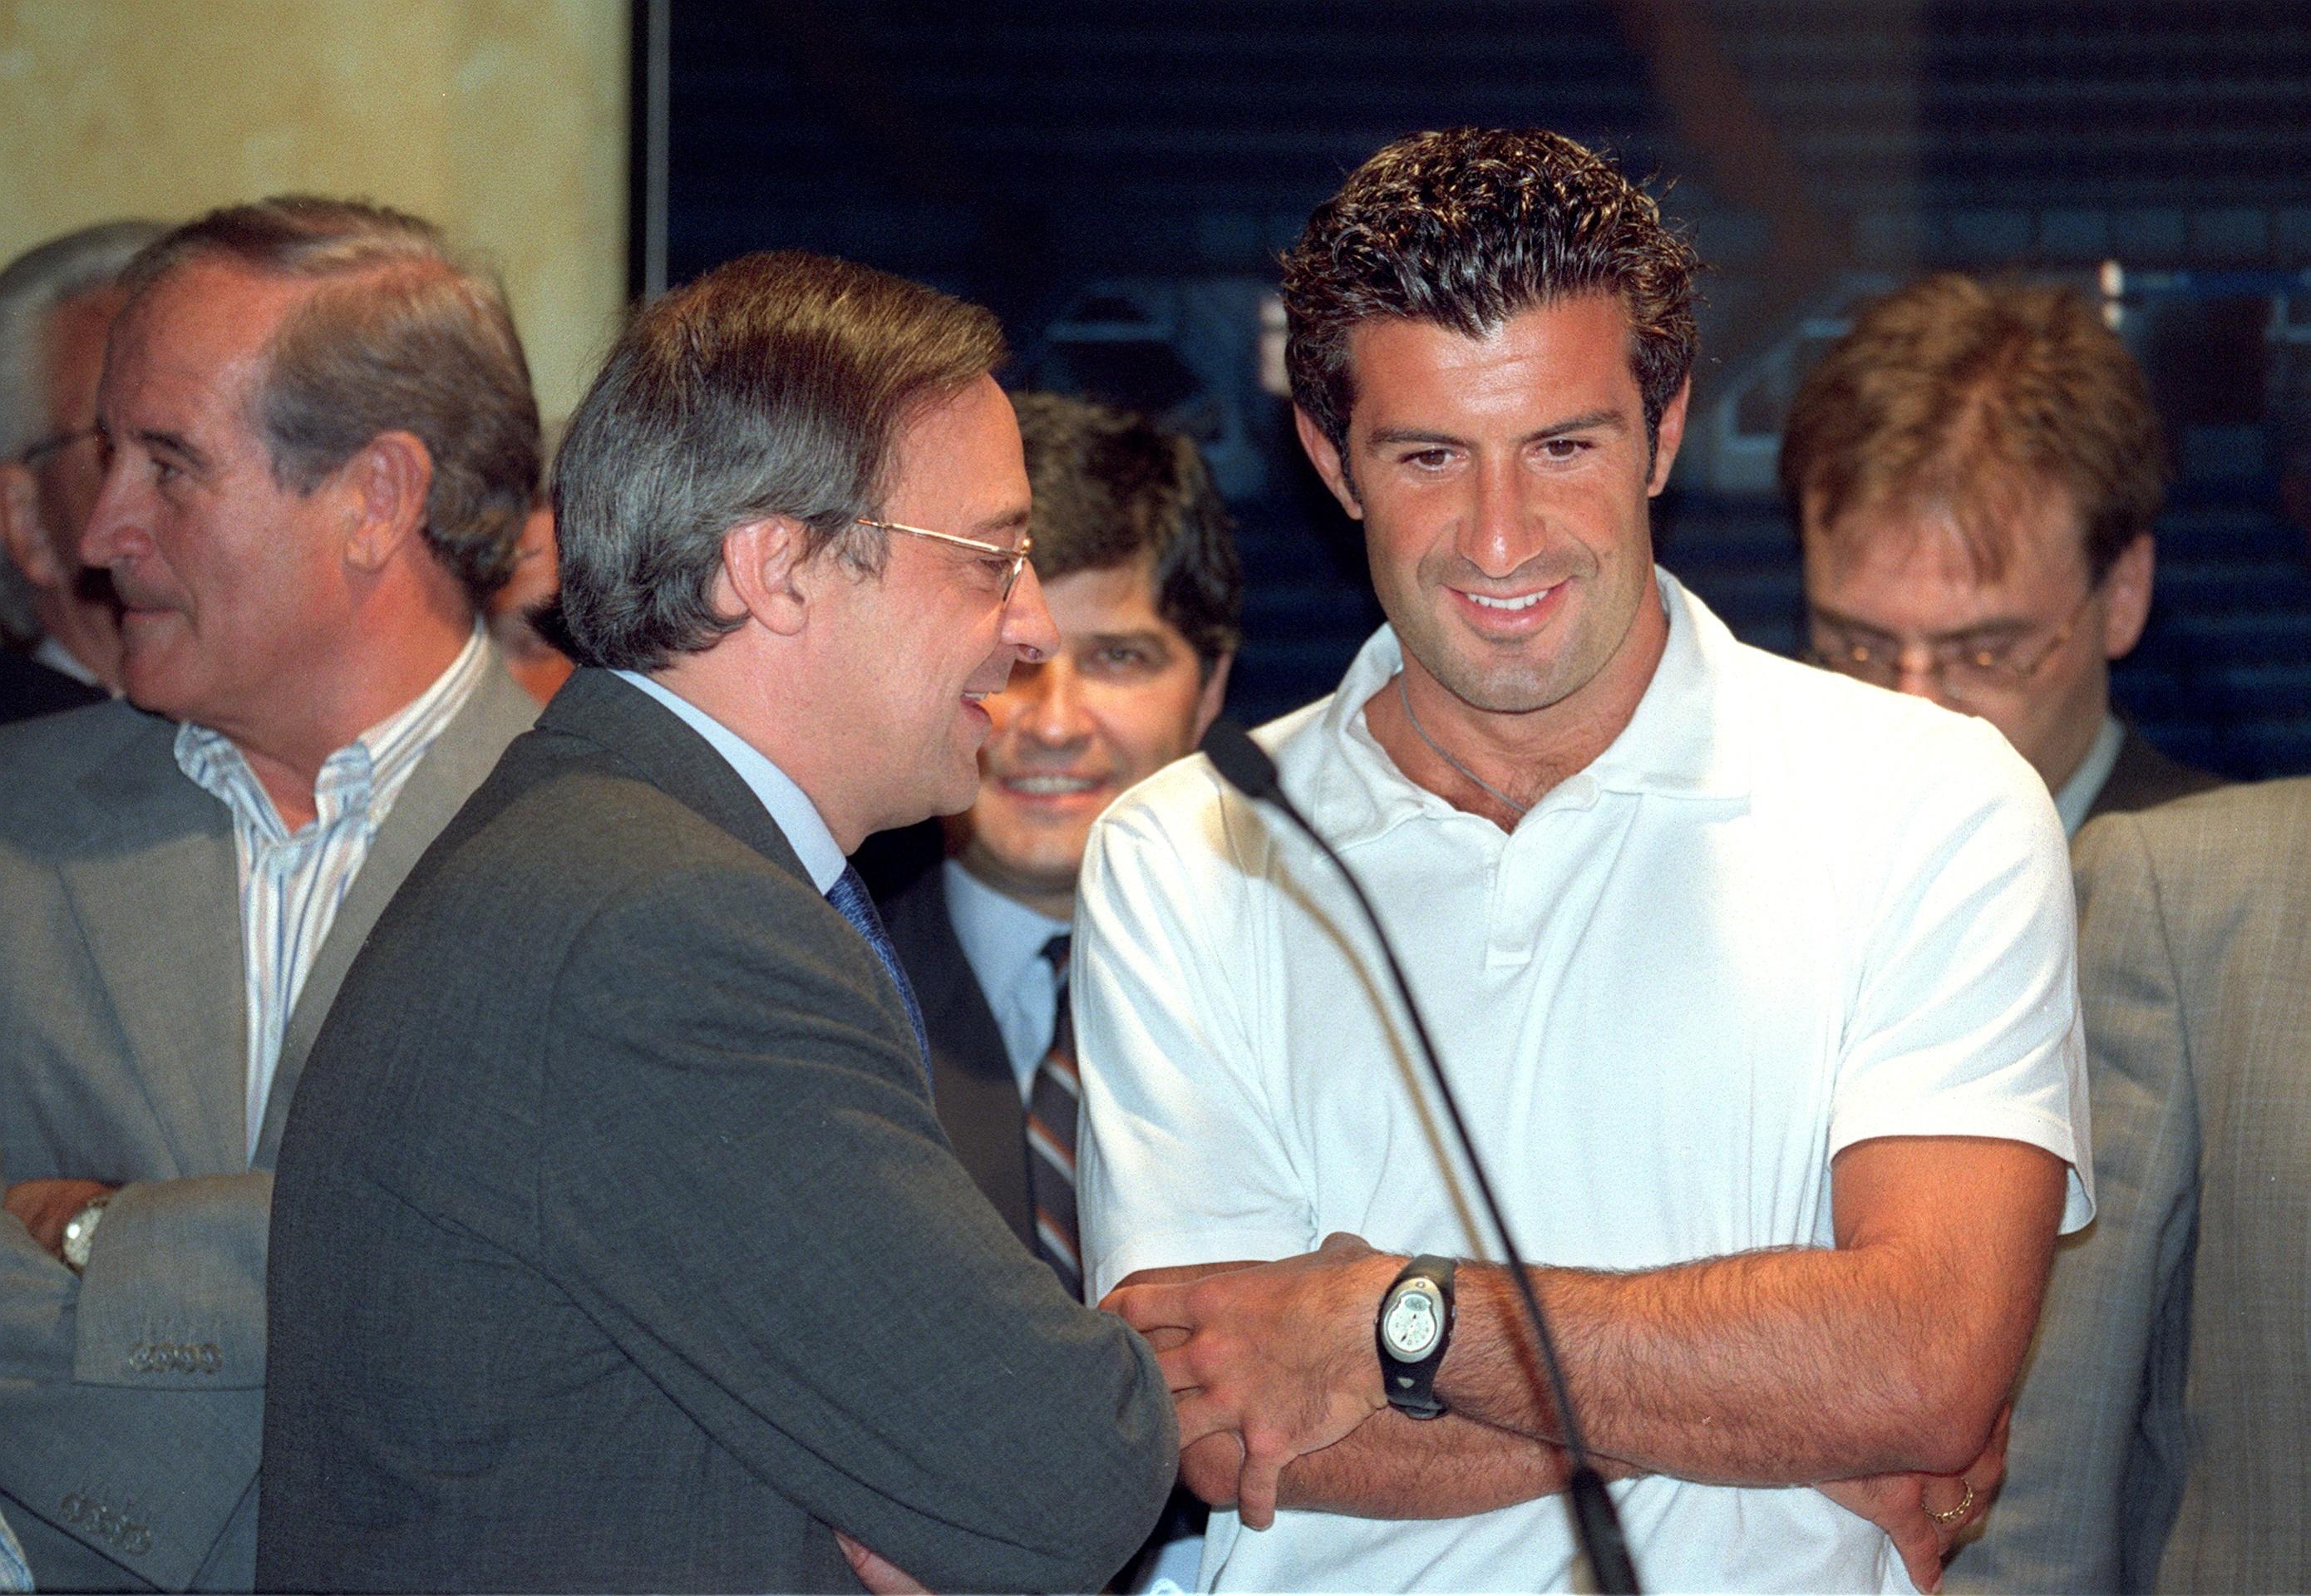 Presentación del futbolista Luis Figo como nuevo jugador del Real Madrid, en la sala de trofeos del Santiago Bernabéu, con el presidente Florentino Pérez.